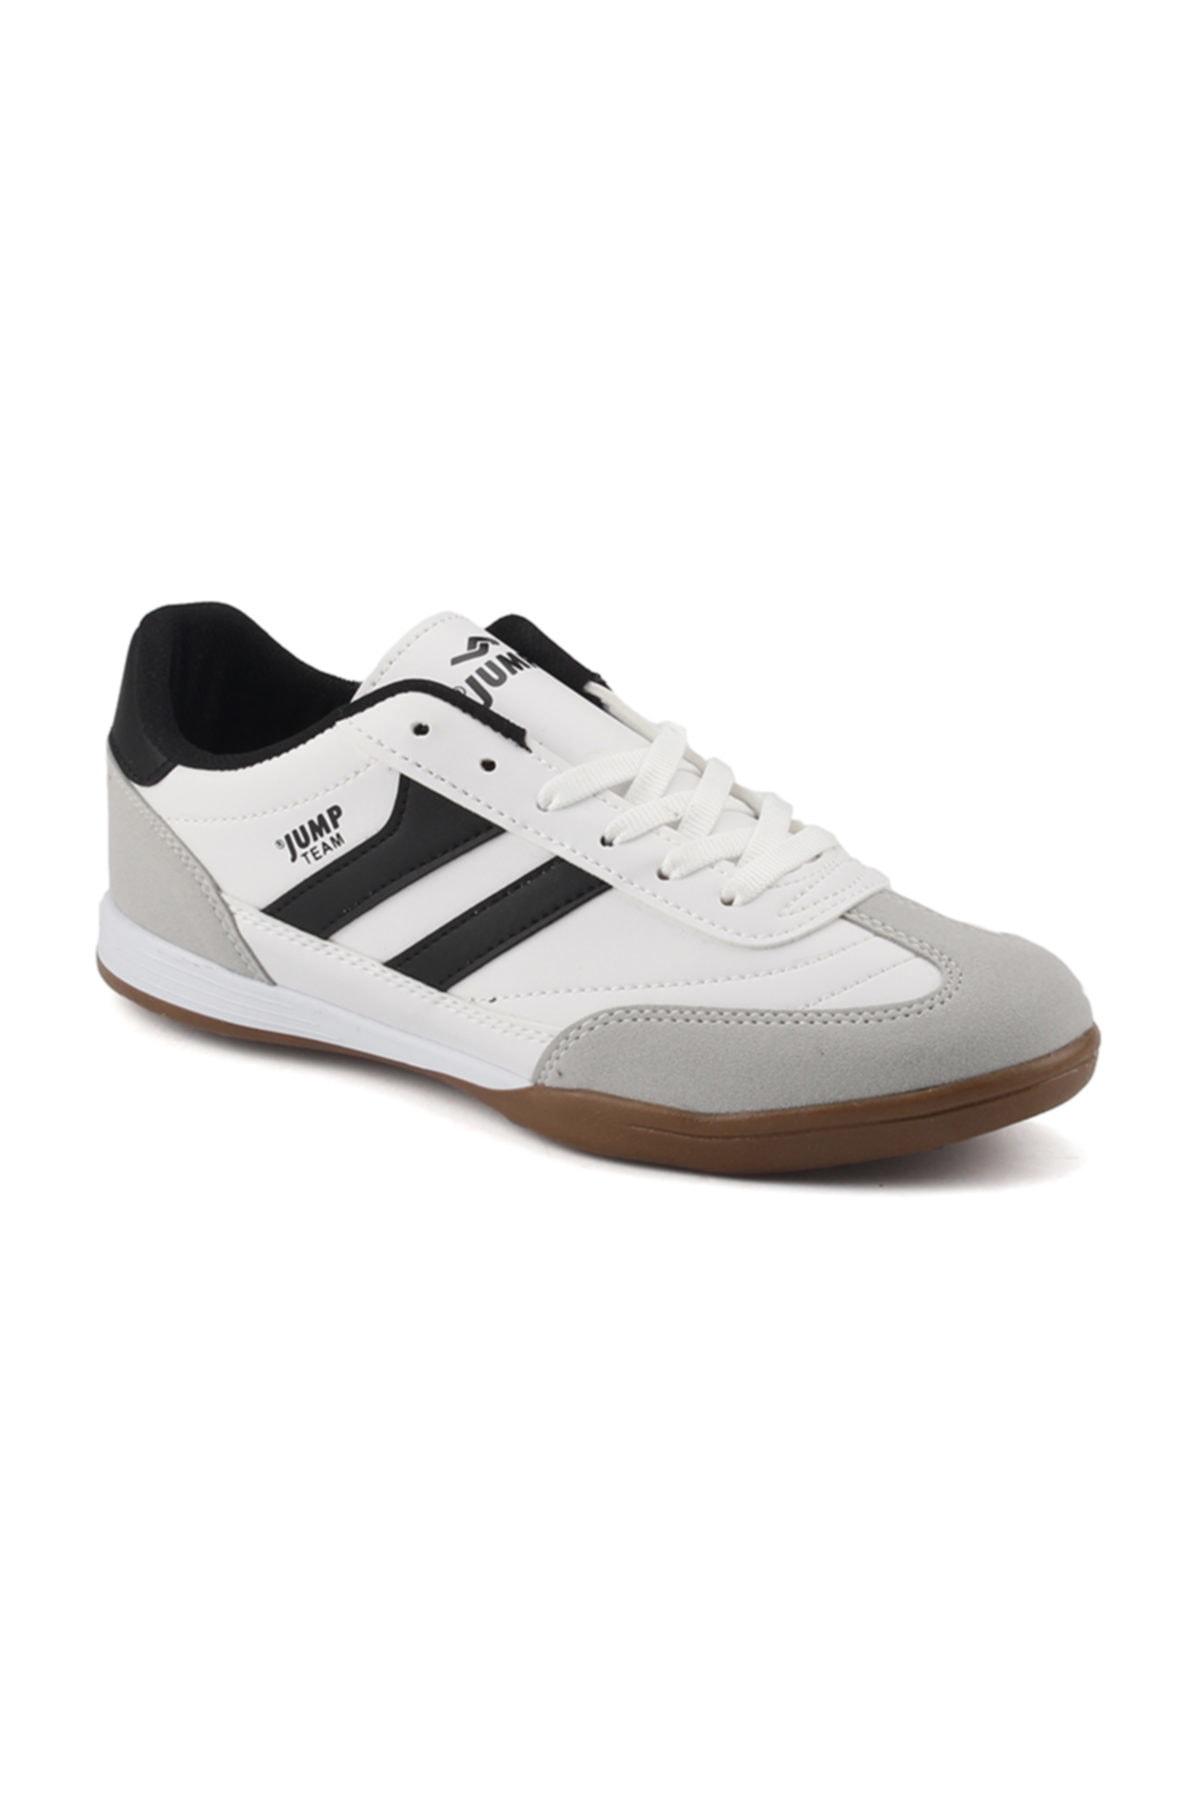 فروش کفش والیبال مردانه خفن برند Jump کد ty35228854